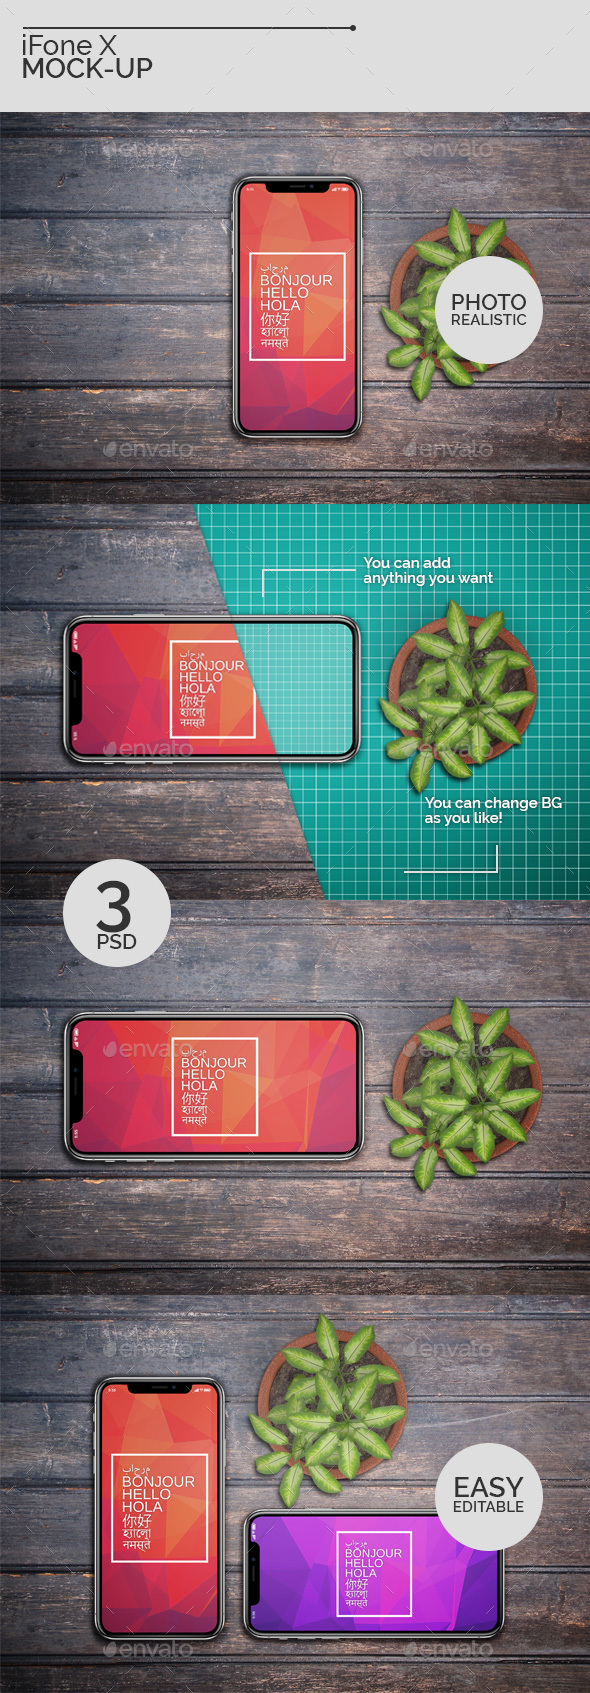 iFone X Mock-Ups - Mobile Displays